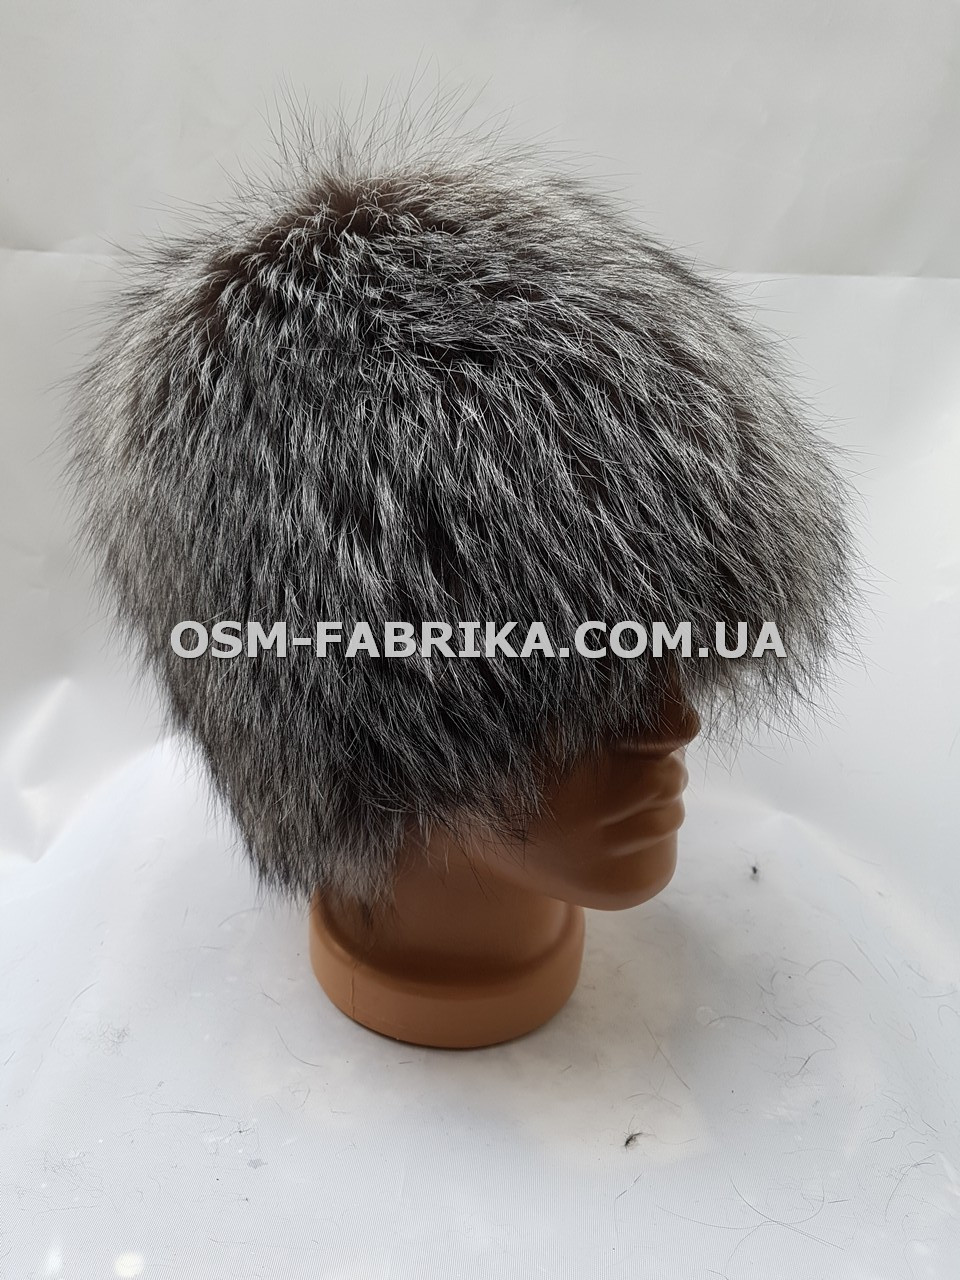 Теплая меховая шапка для женщин чернобурка новинка сезона